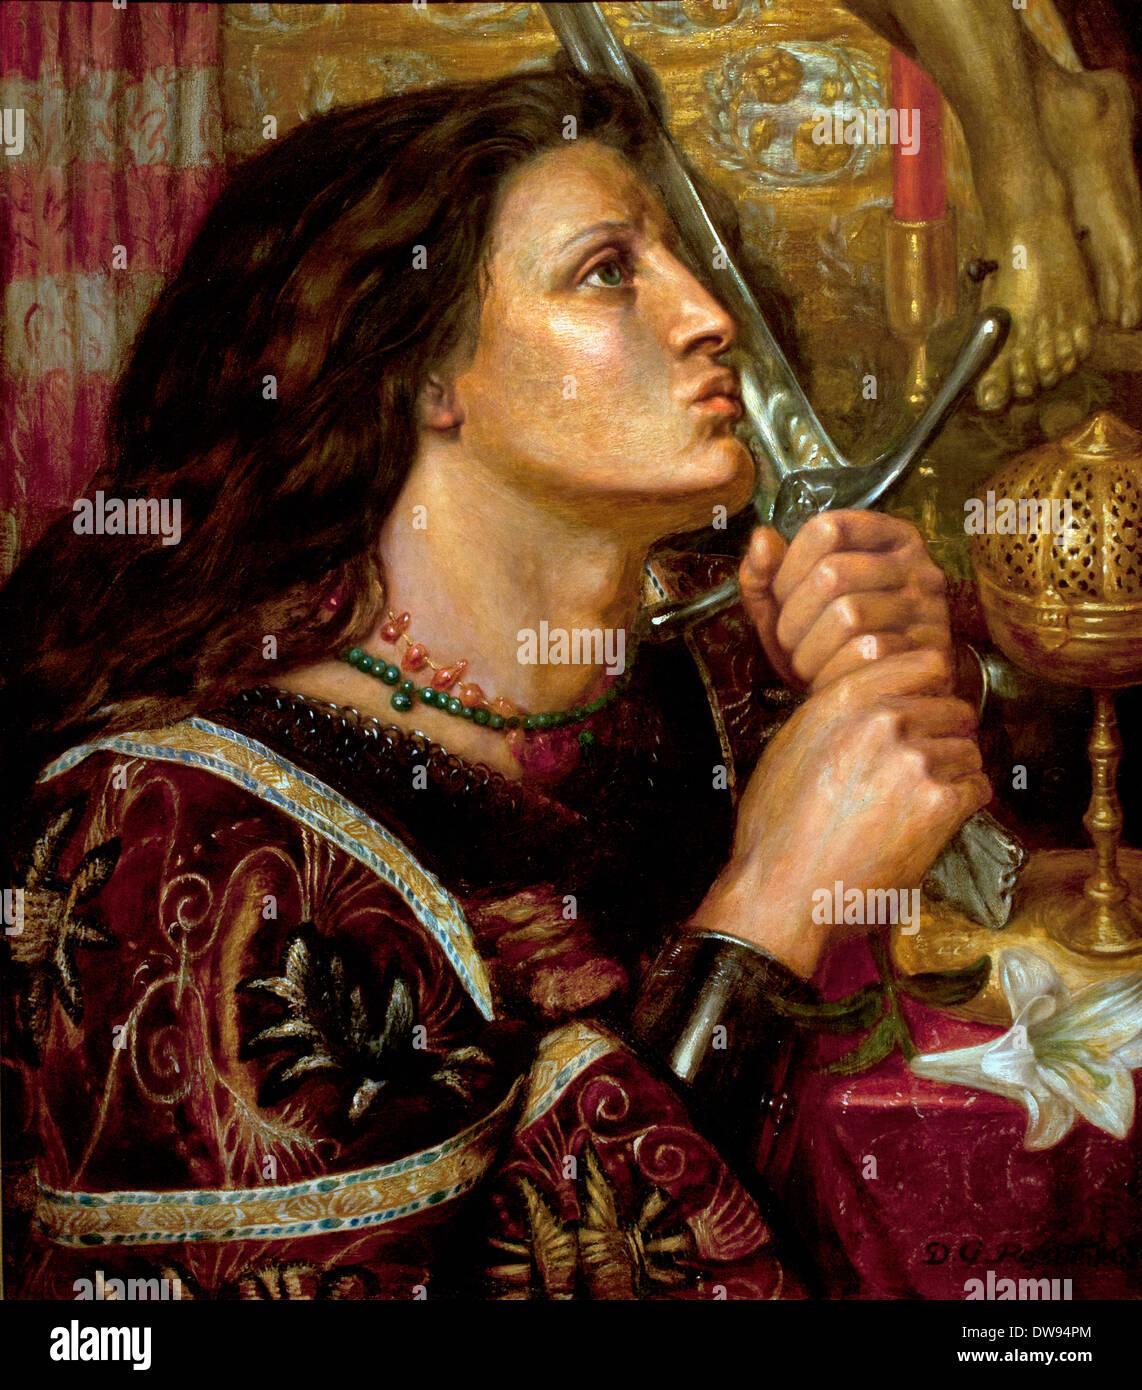 Bisous Jeanne d'Arc l'épée de la libération France Français) 1863 Dante Gabriel Rossetti (1828-1882) Italie Italien Photo Stock